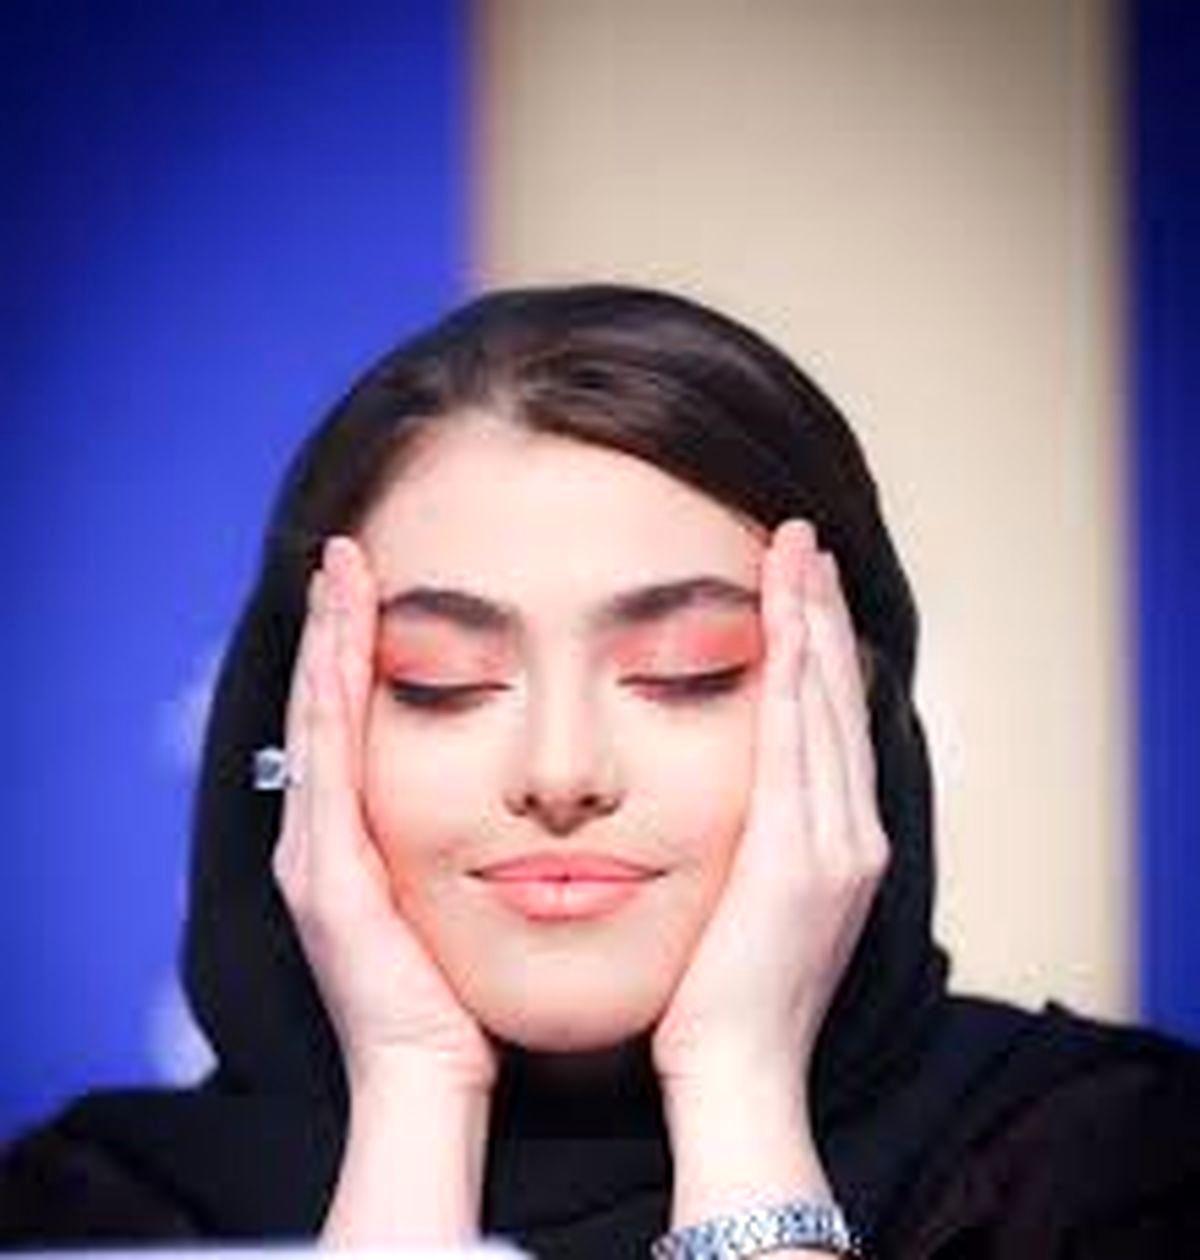 راز بزرگ فرار ریحانه پارسا از ایران فاش شد + عکس جدید